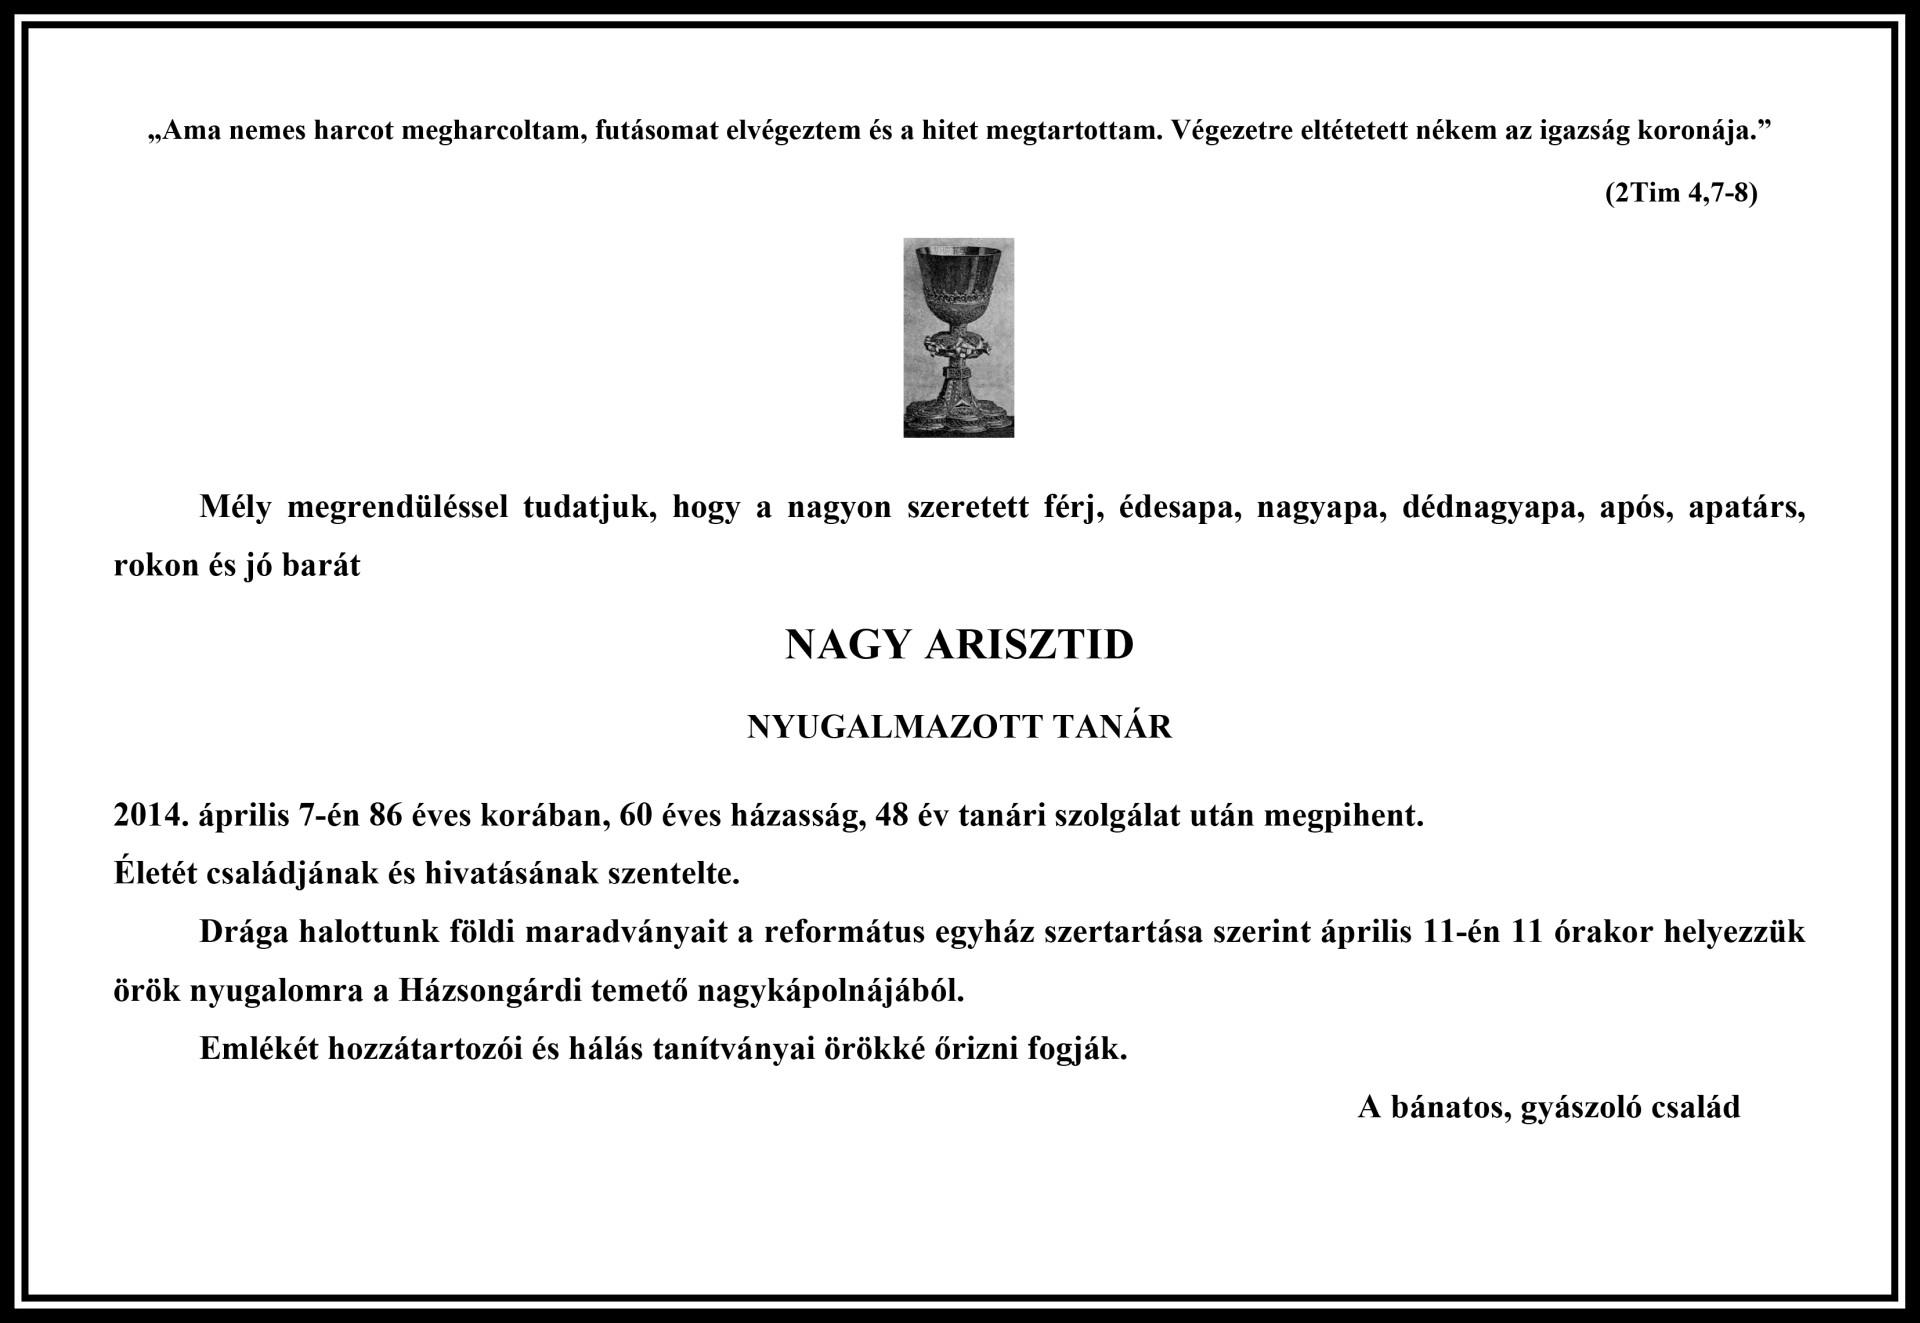 Gyászjelentés - Nagy Arisztid